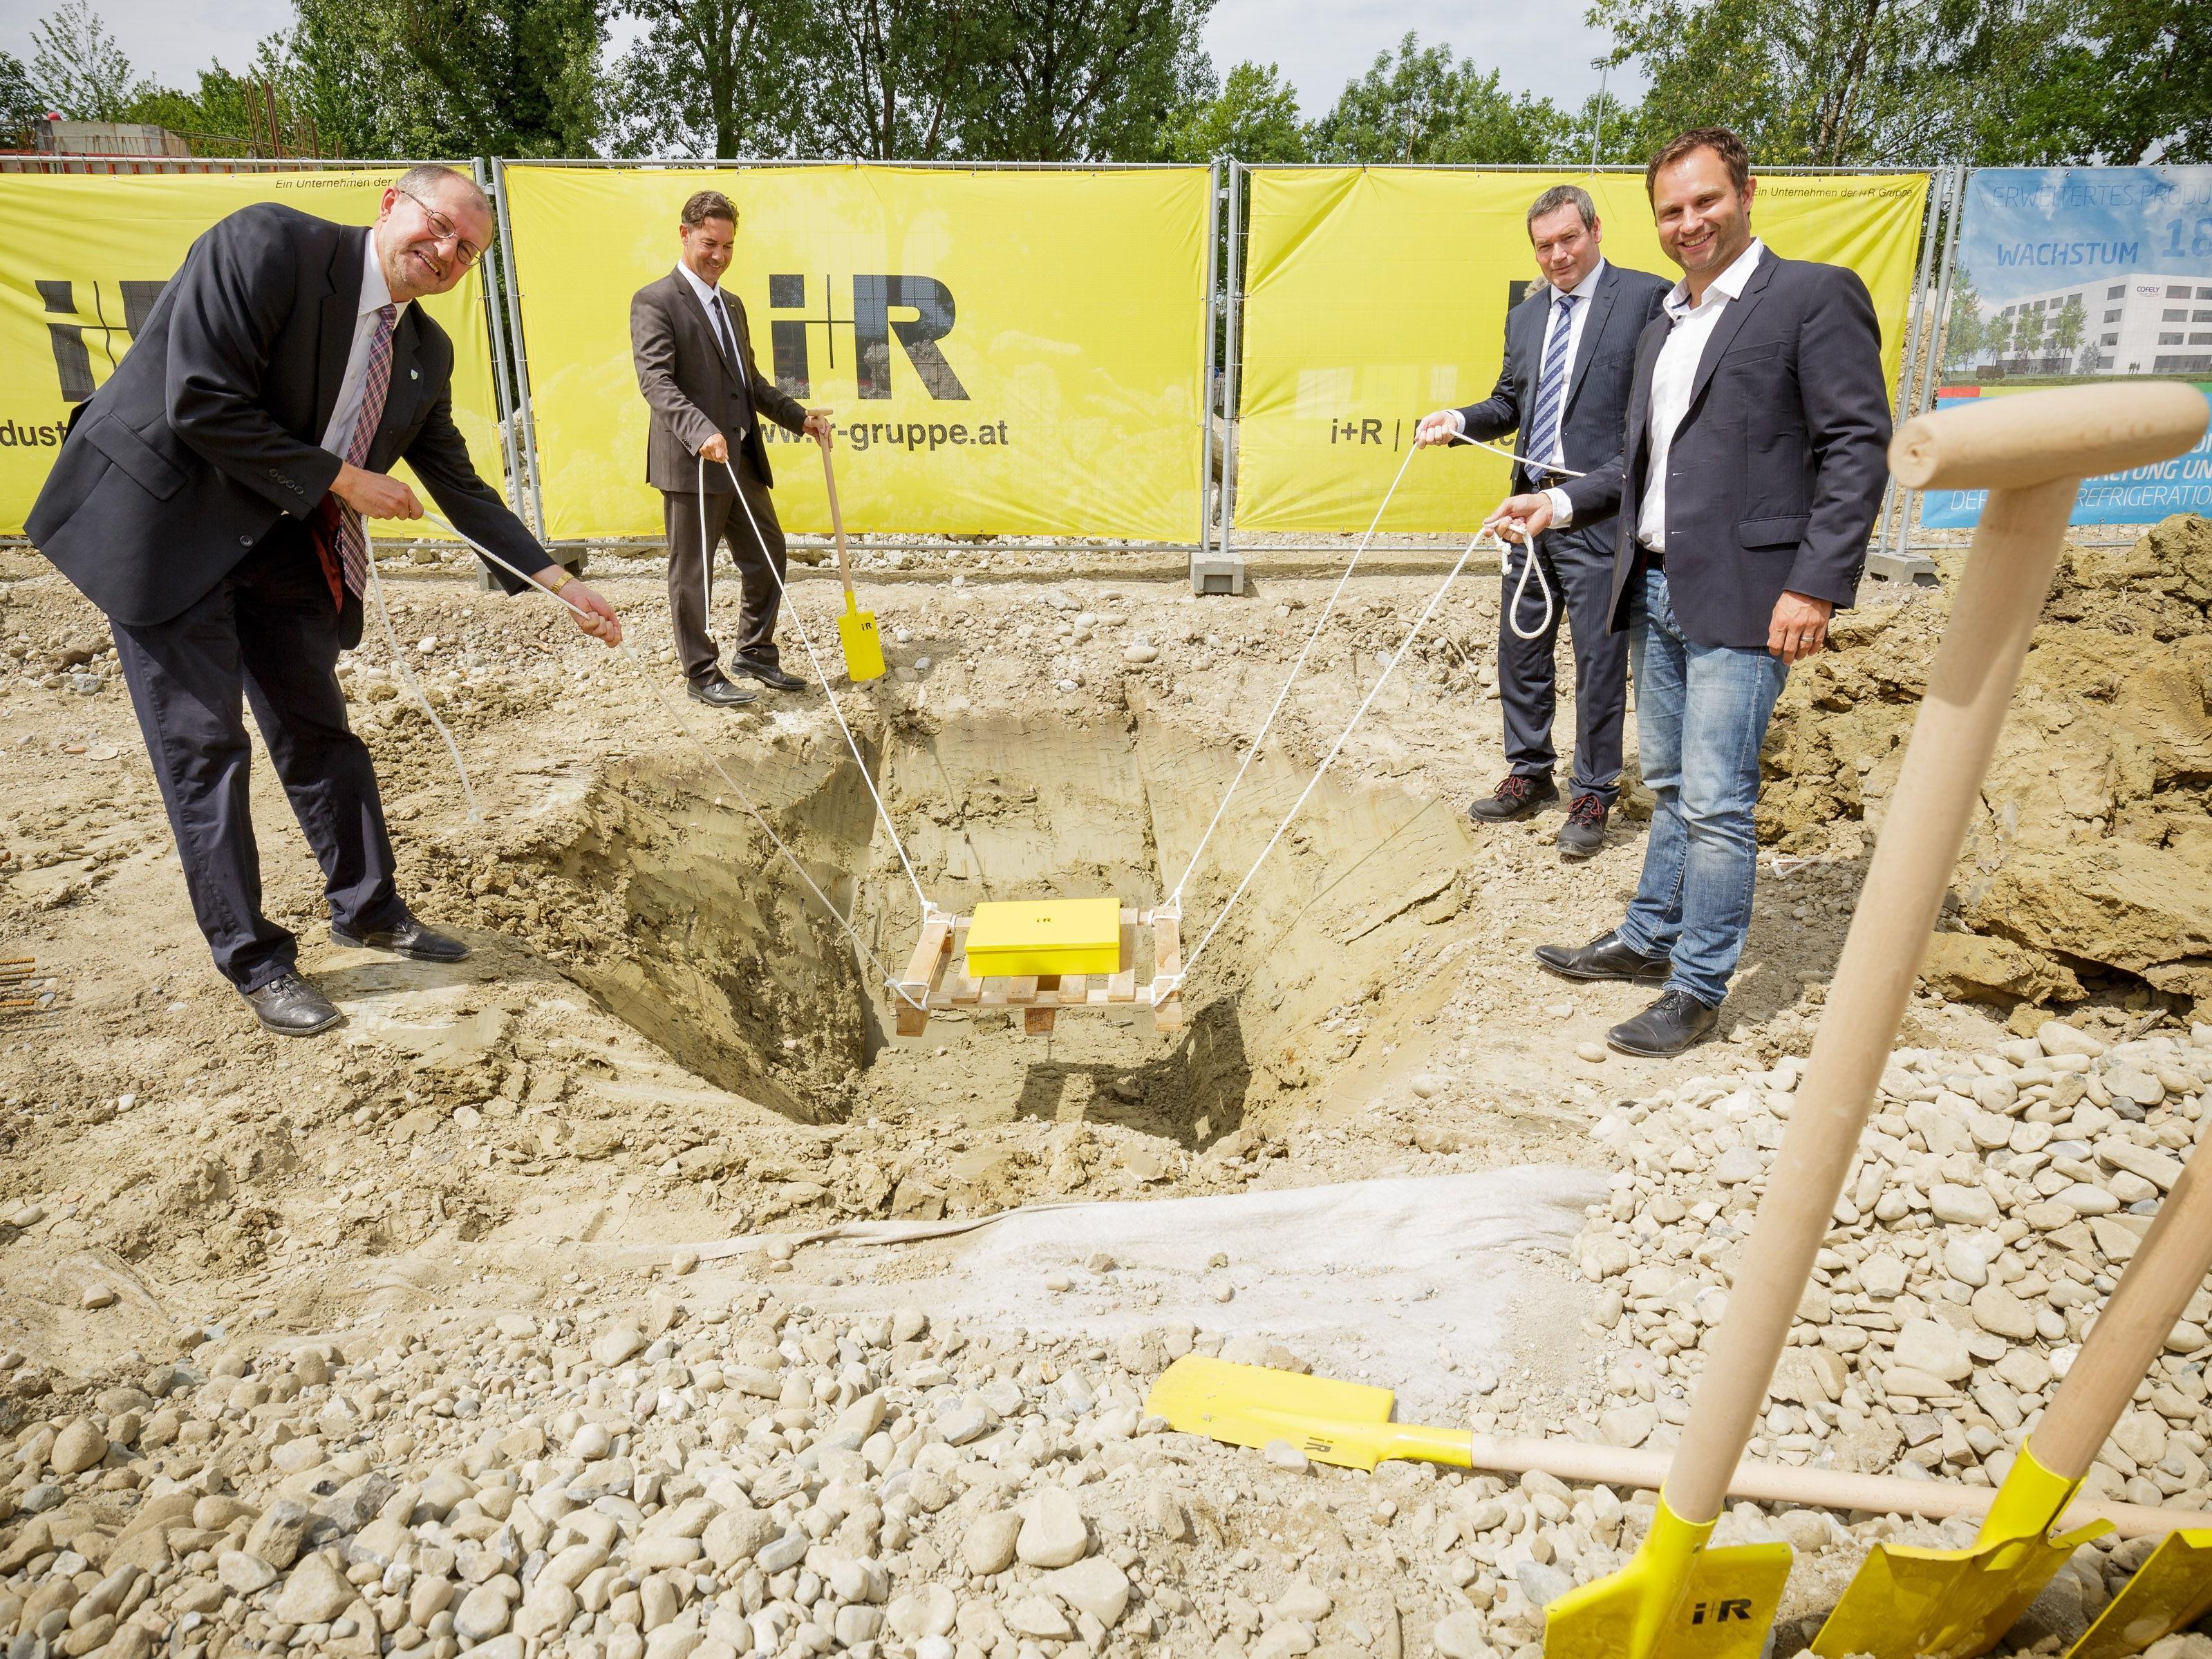 Setzten traditionell den Grundstein für das neue Verwaltungs- und Produktionsgebäude der Cofely Refrigeration in Lindau: Oberbürgermeister Gerhard Ecker, Alexander Stuchly (i+R), Jochen Hornung (Cofely) und Patrick Meier (i+R).